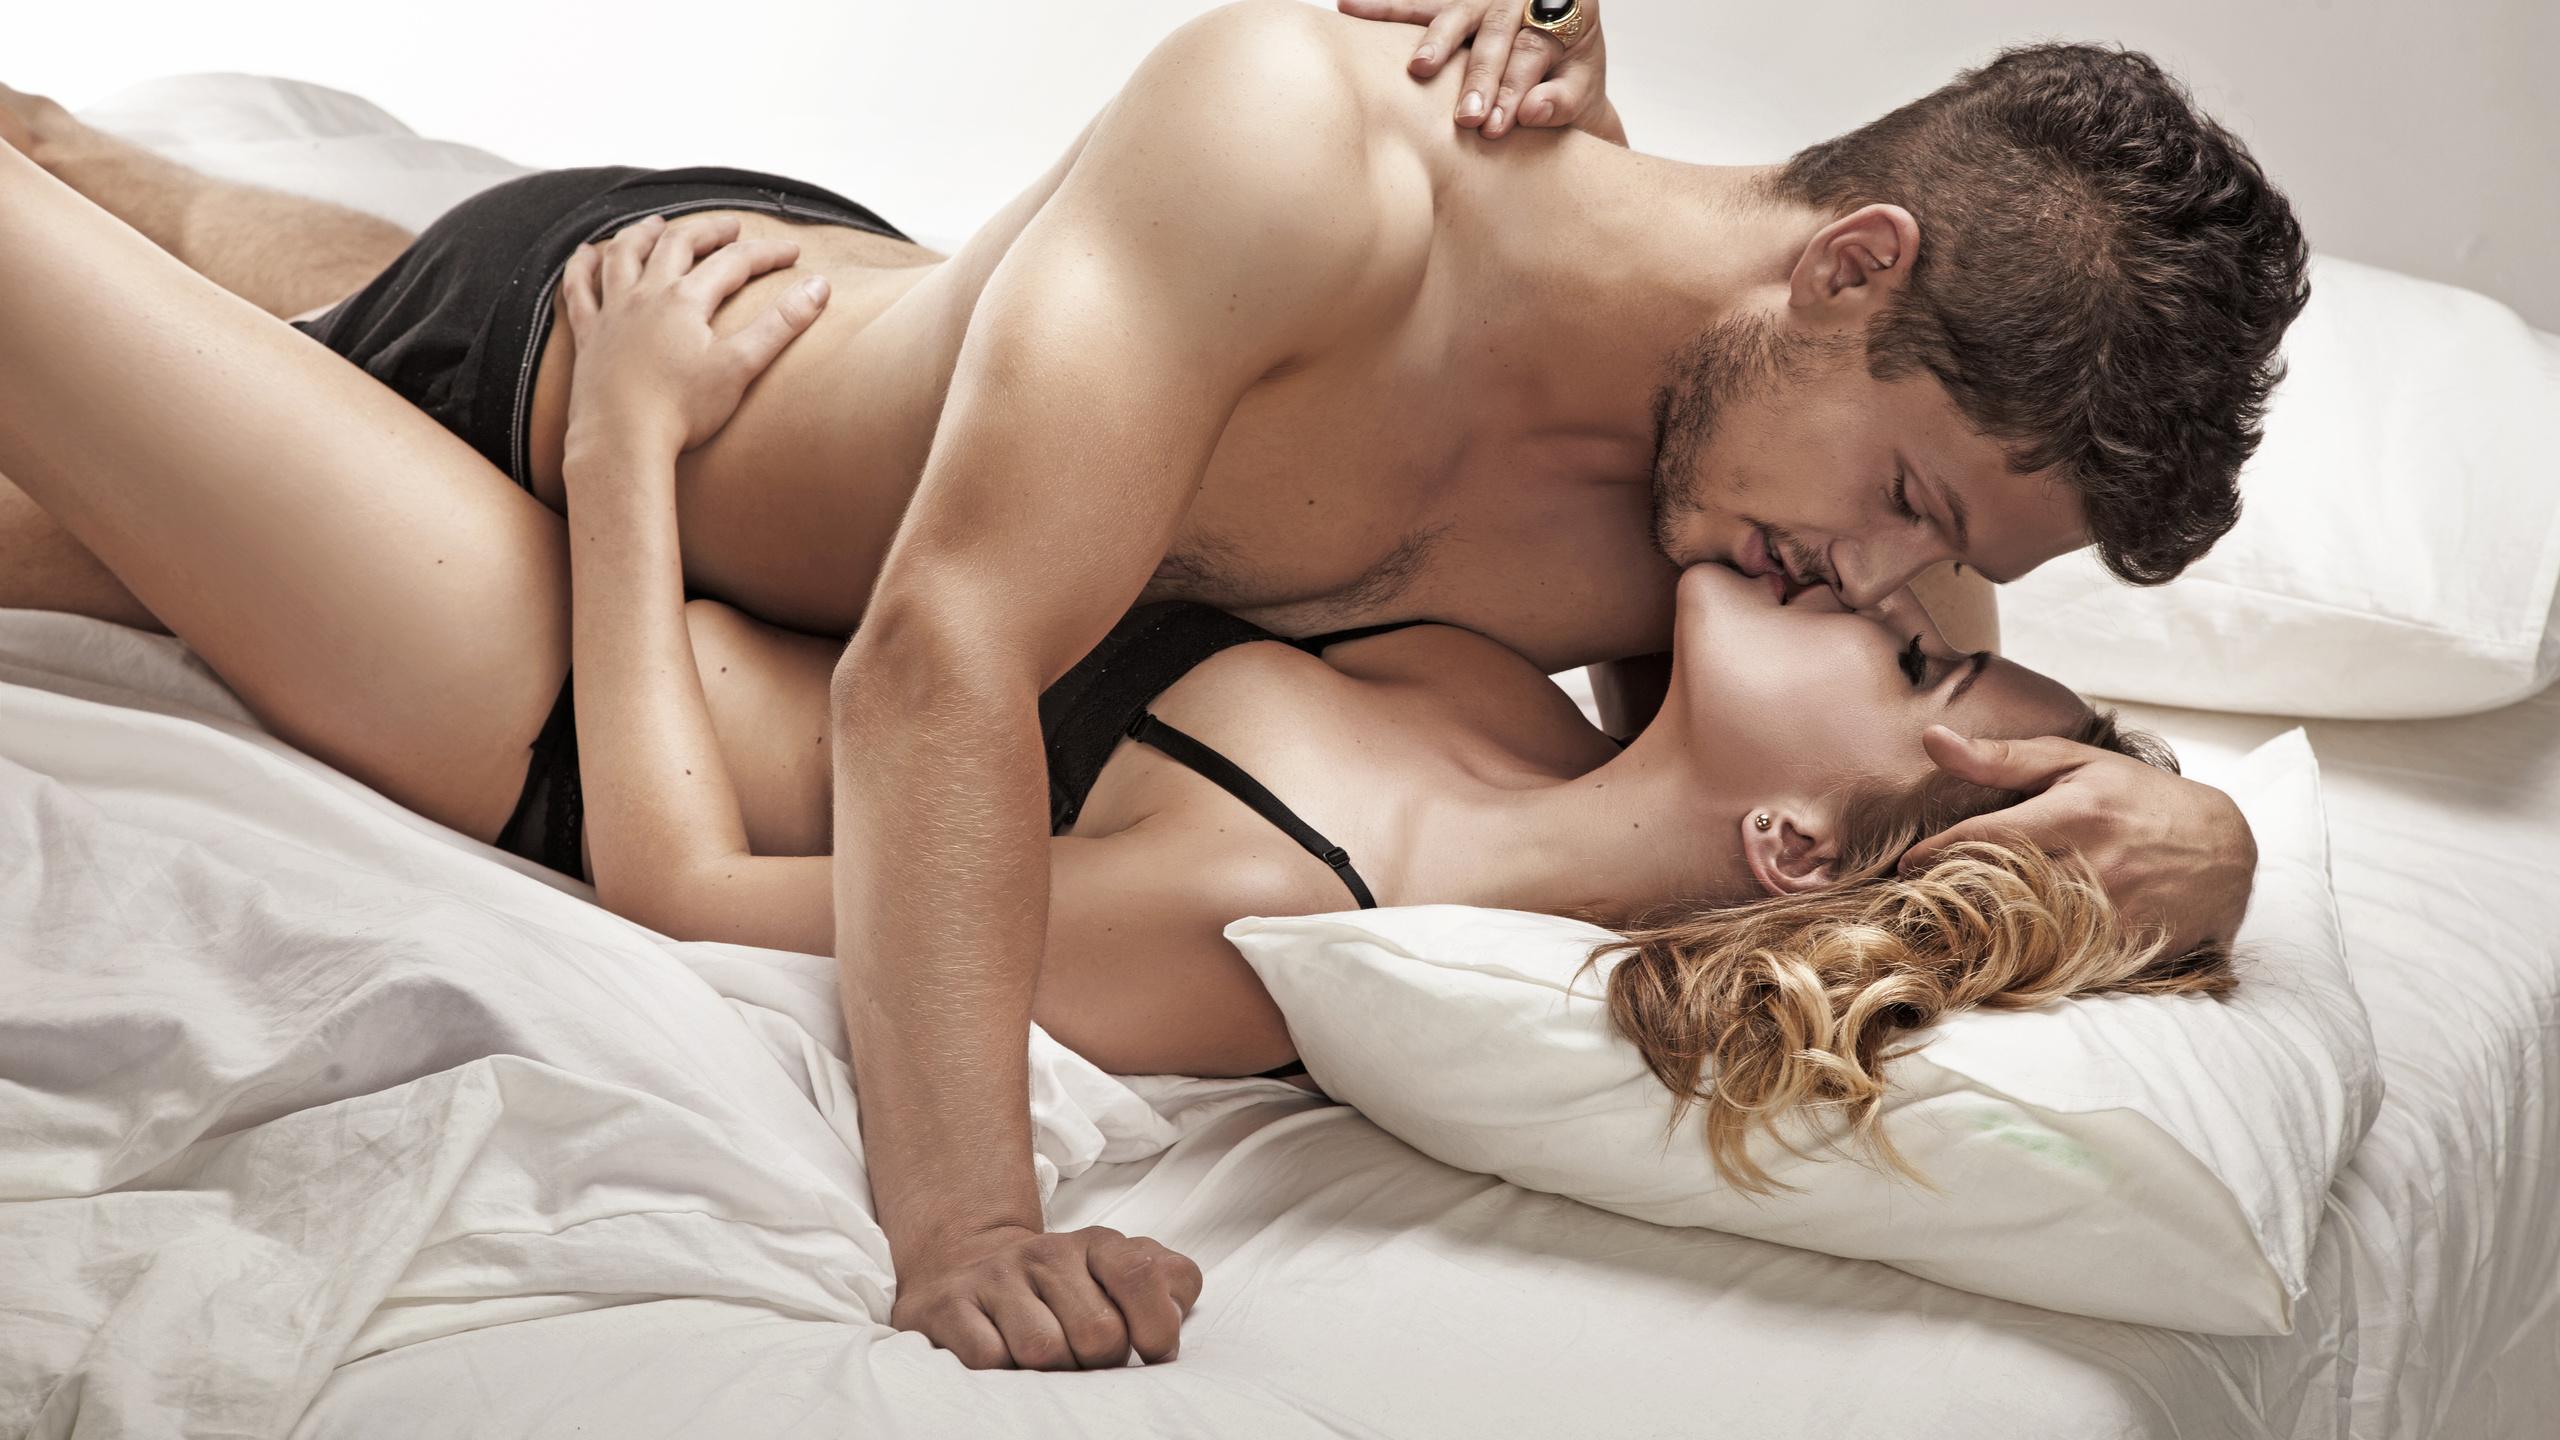 Сексуальные картинки девушек и парней 10 фотография